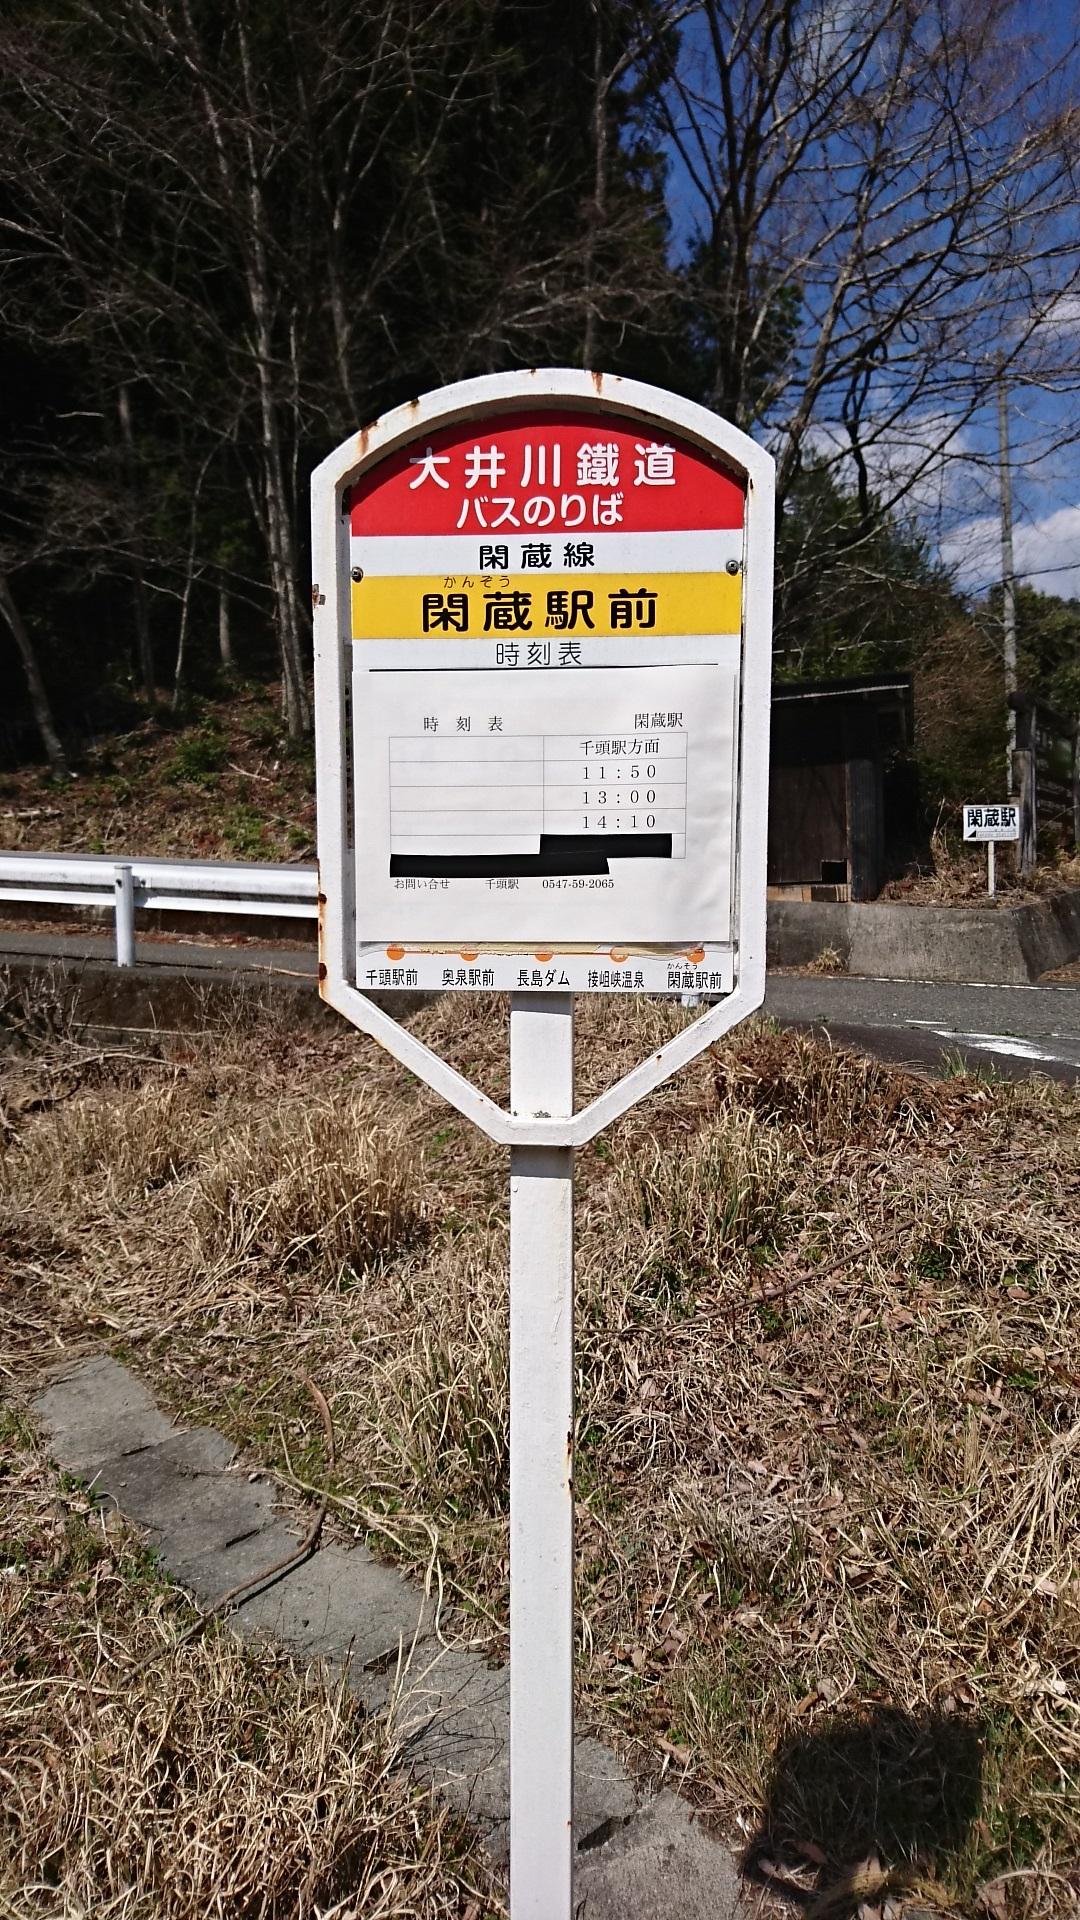 2018.3.28 かえり (9) 閑蔵駅前バス停 1080-1920